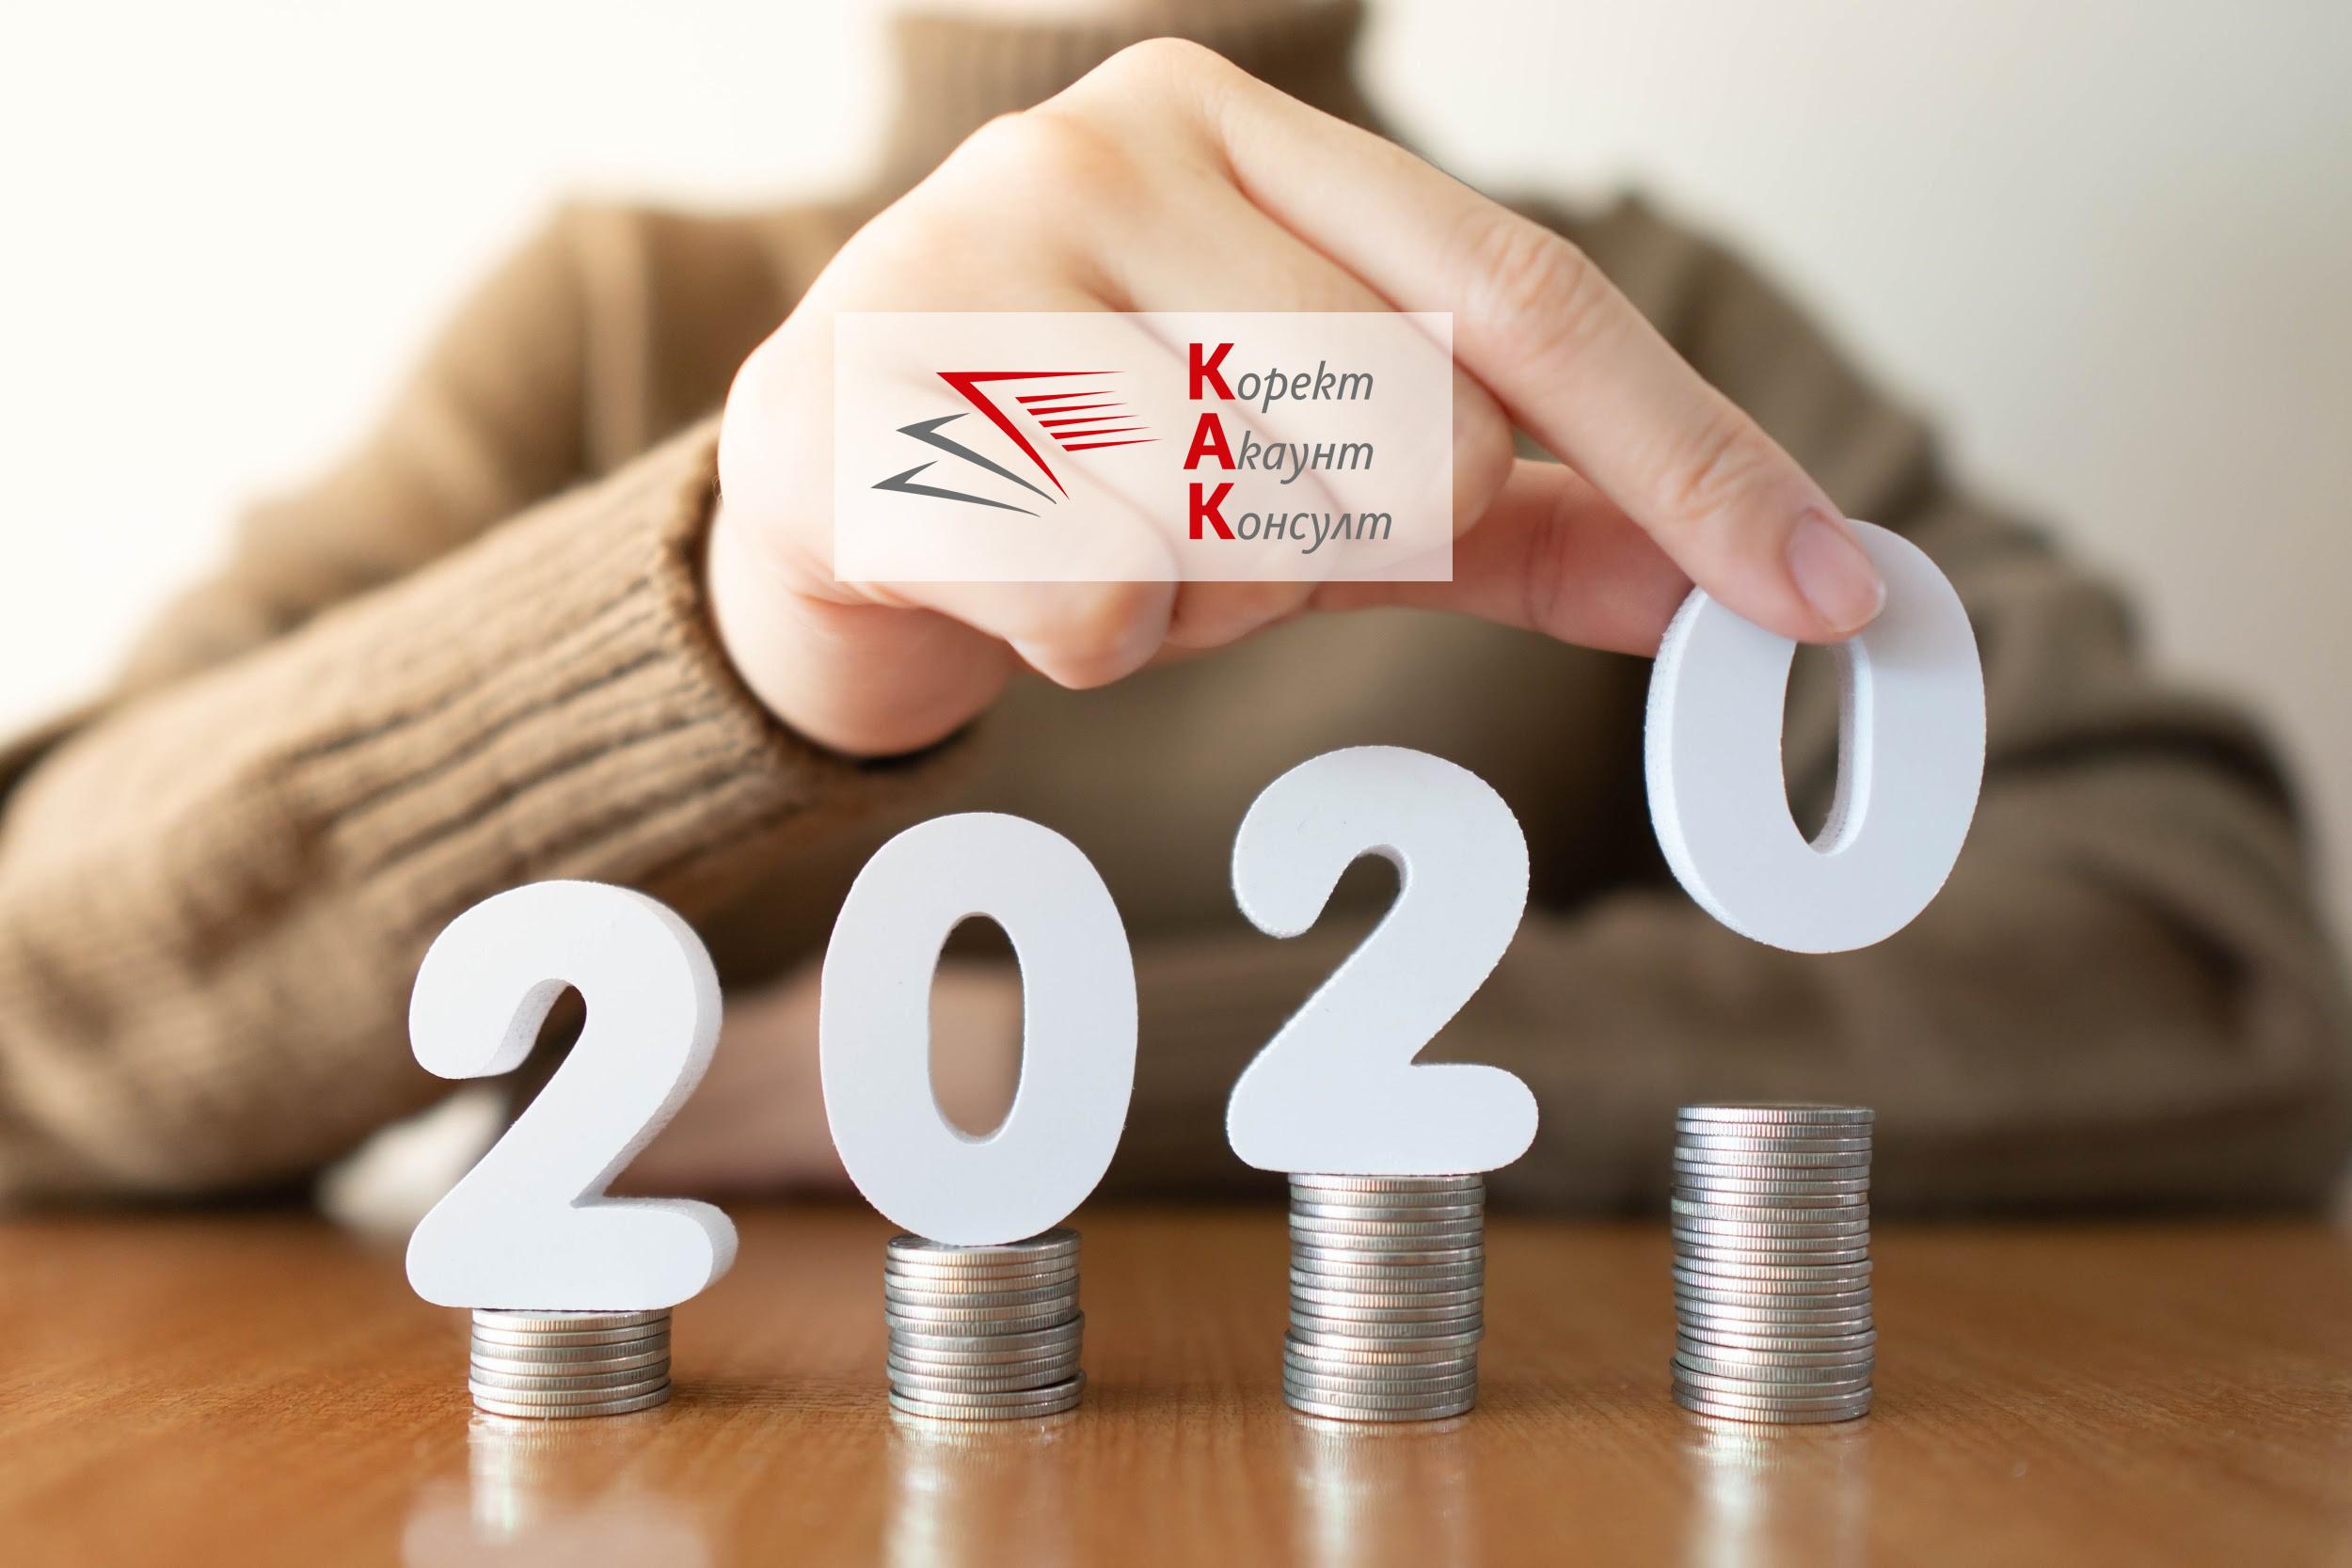 Бизнесът: Авансов данък върху несъществуваща печалба през 2020 г. е икономическо самоубийство